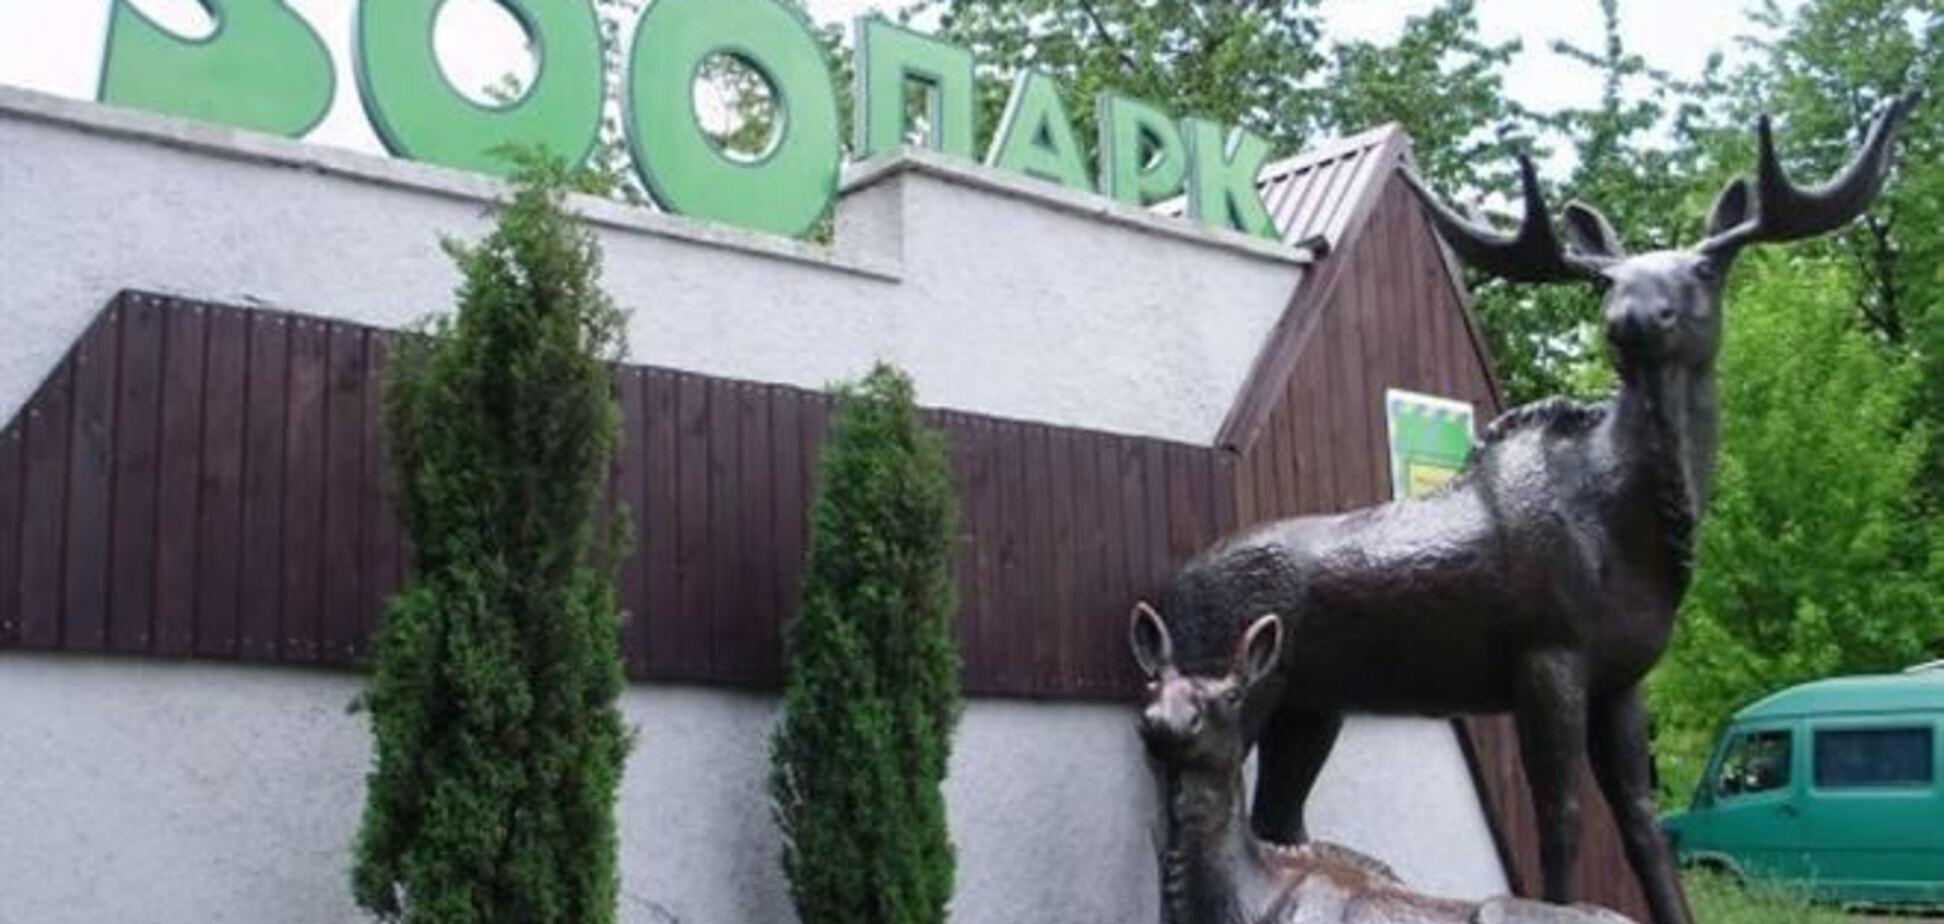 В Ривне ограбили зоопарк: похищены 100 тыс. гривен